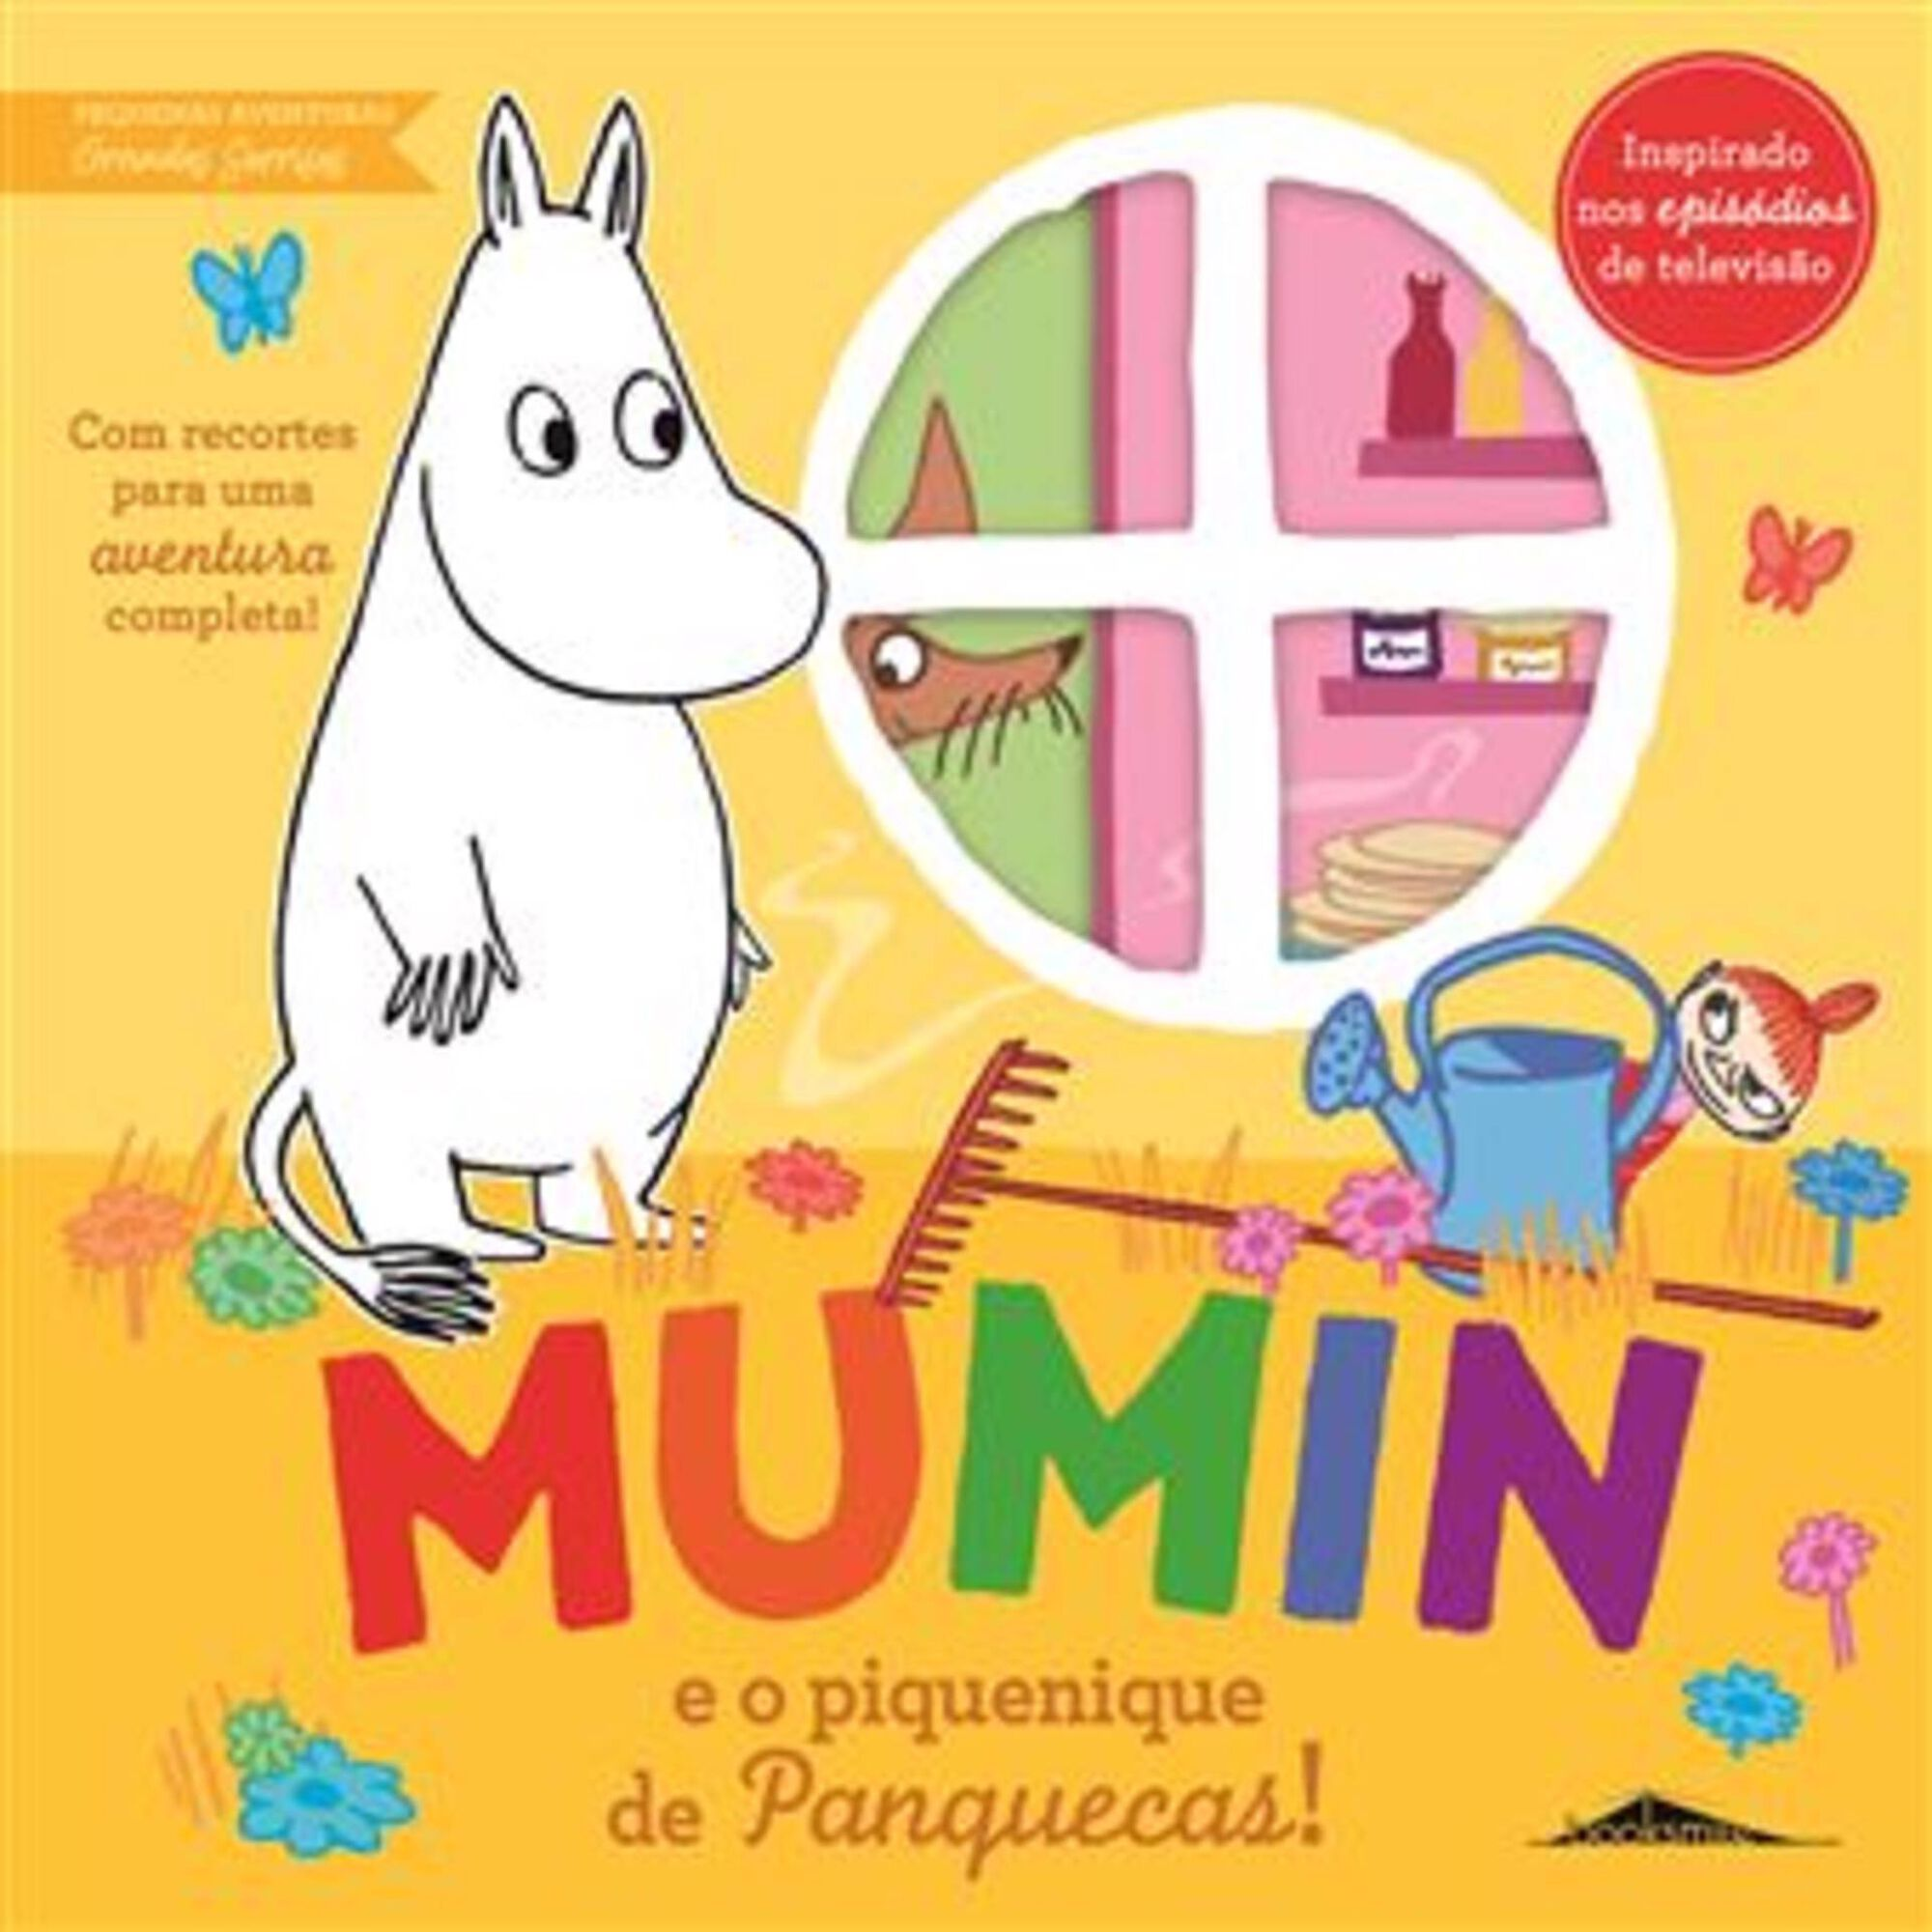 Mumin e o Piquenique de Panquecas!